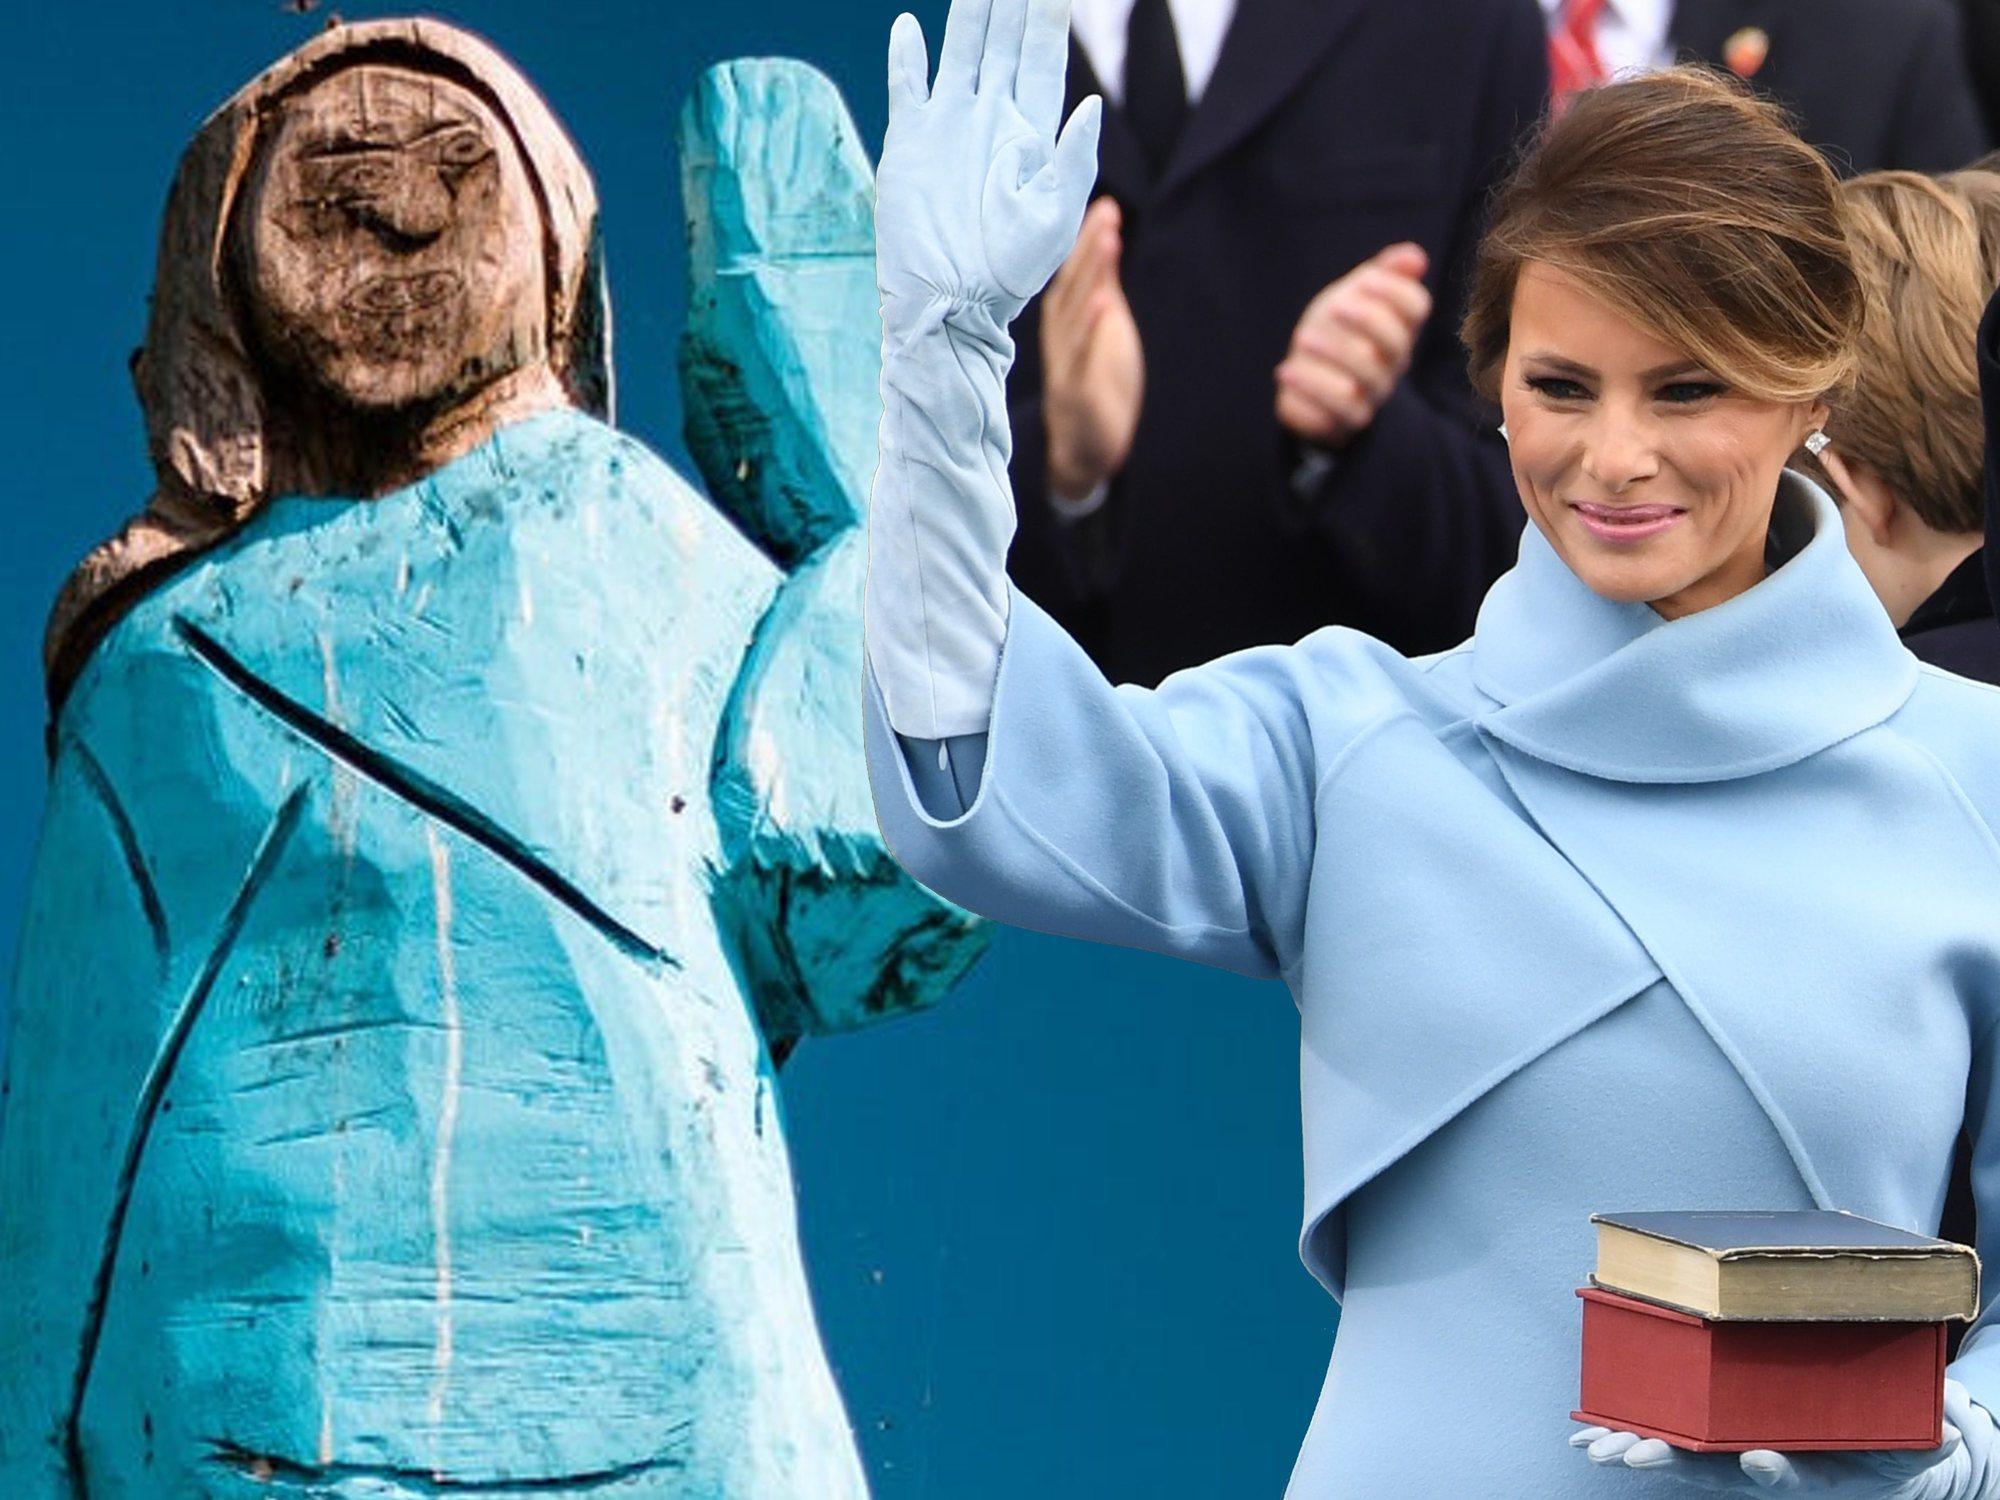 Construyen una estatua a Melania Trump en su pueblo y acaba convertida en el 'Ecce Homo'